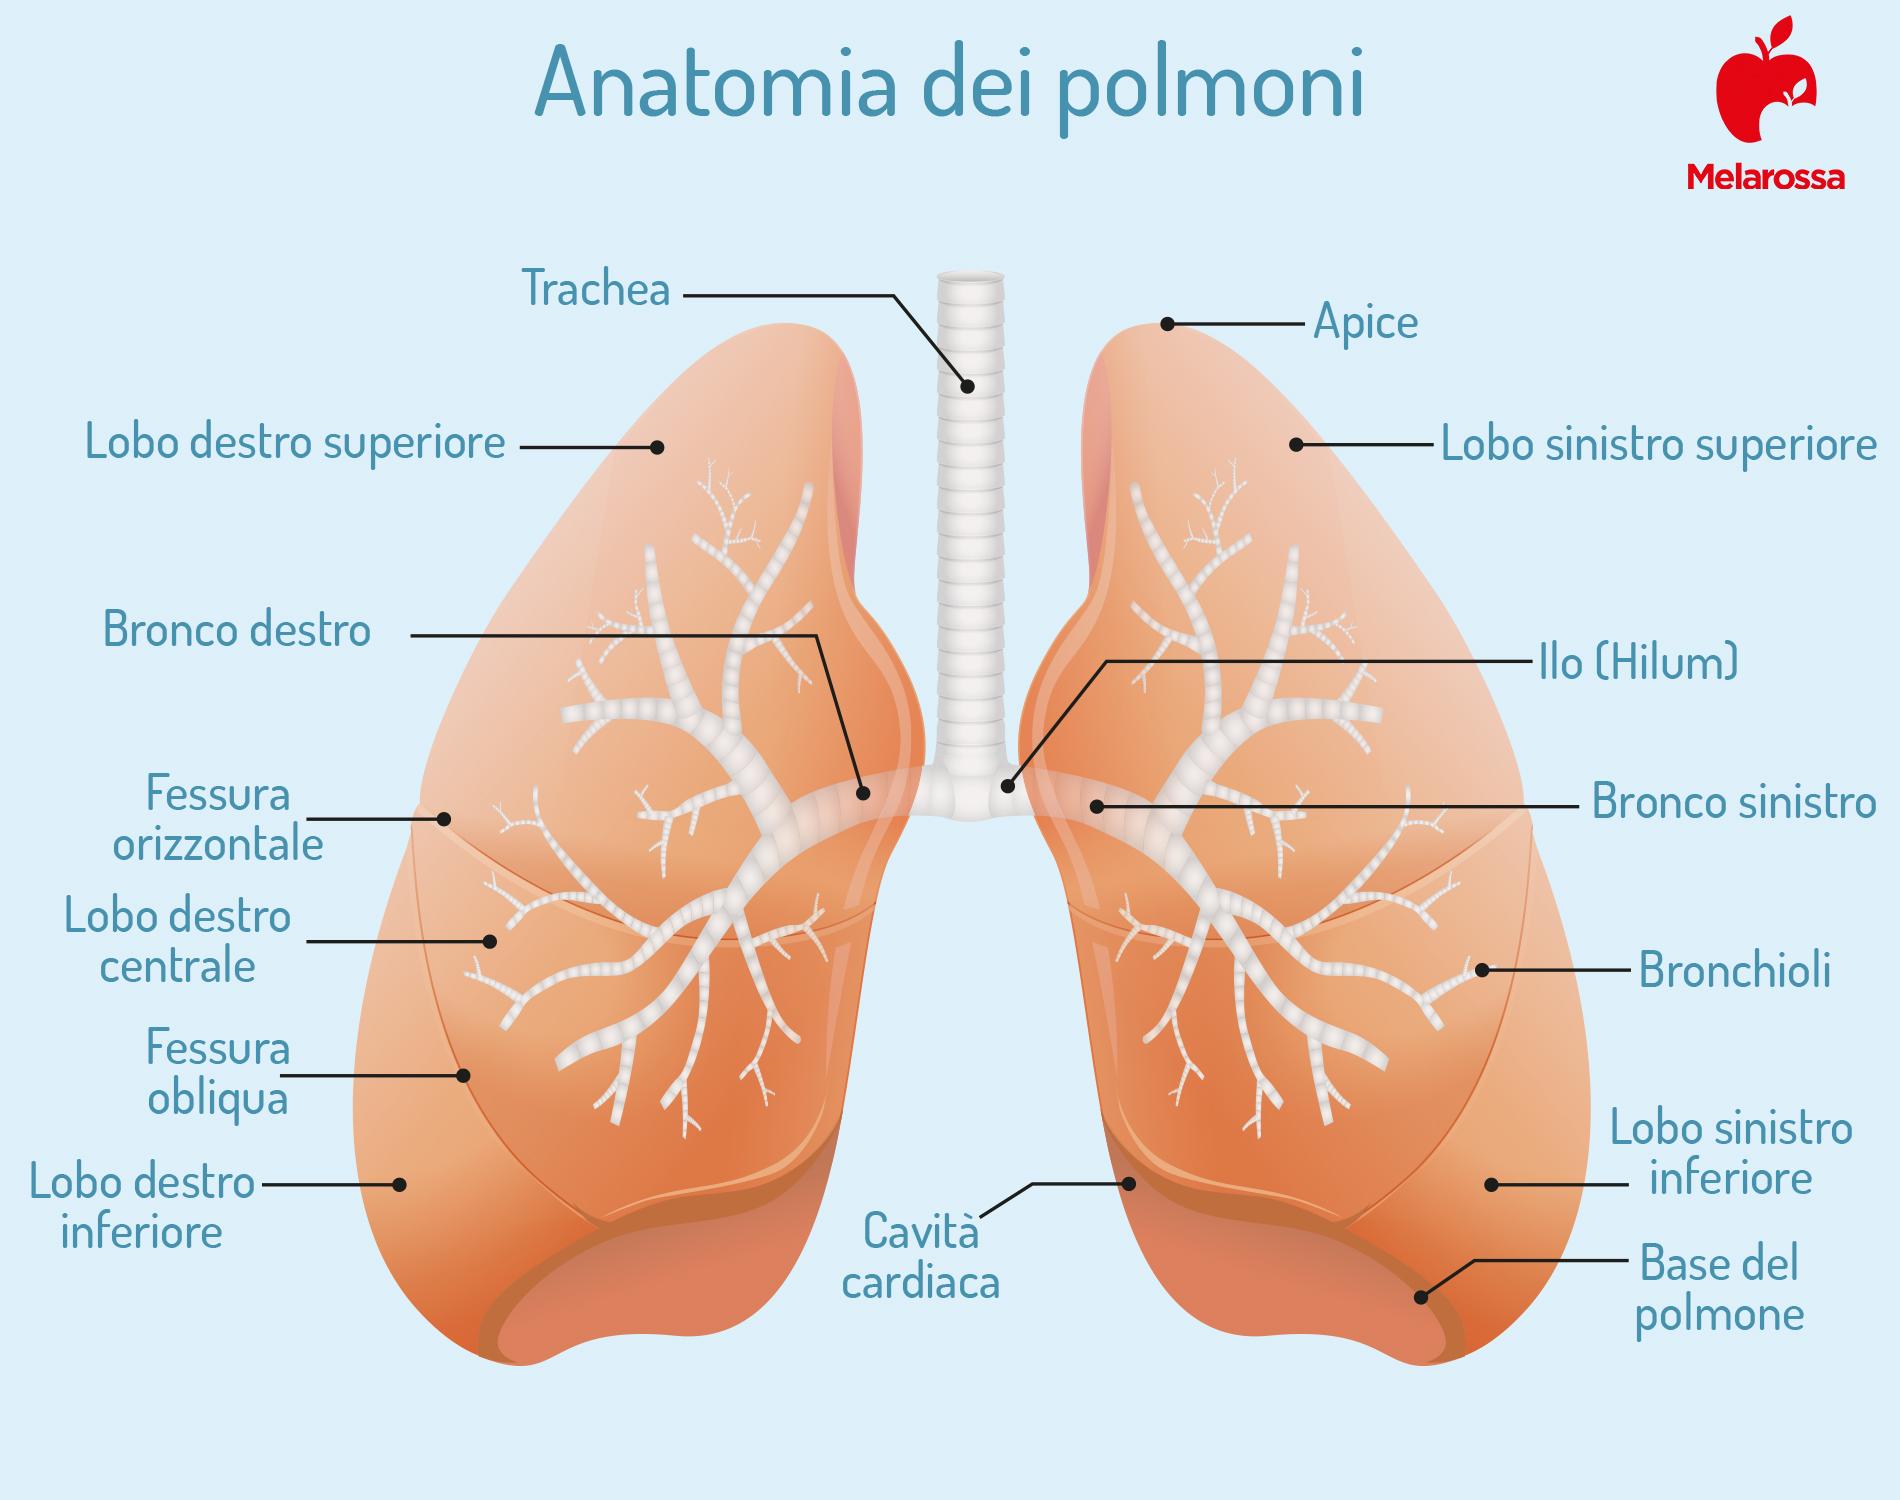 fibrosi polmonare: anatomia dei polmoni